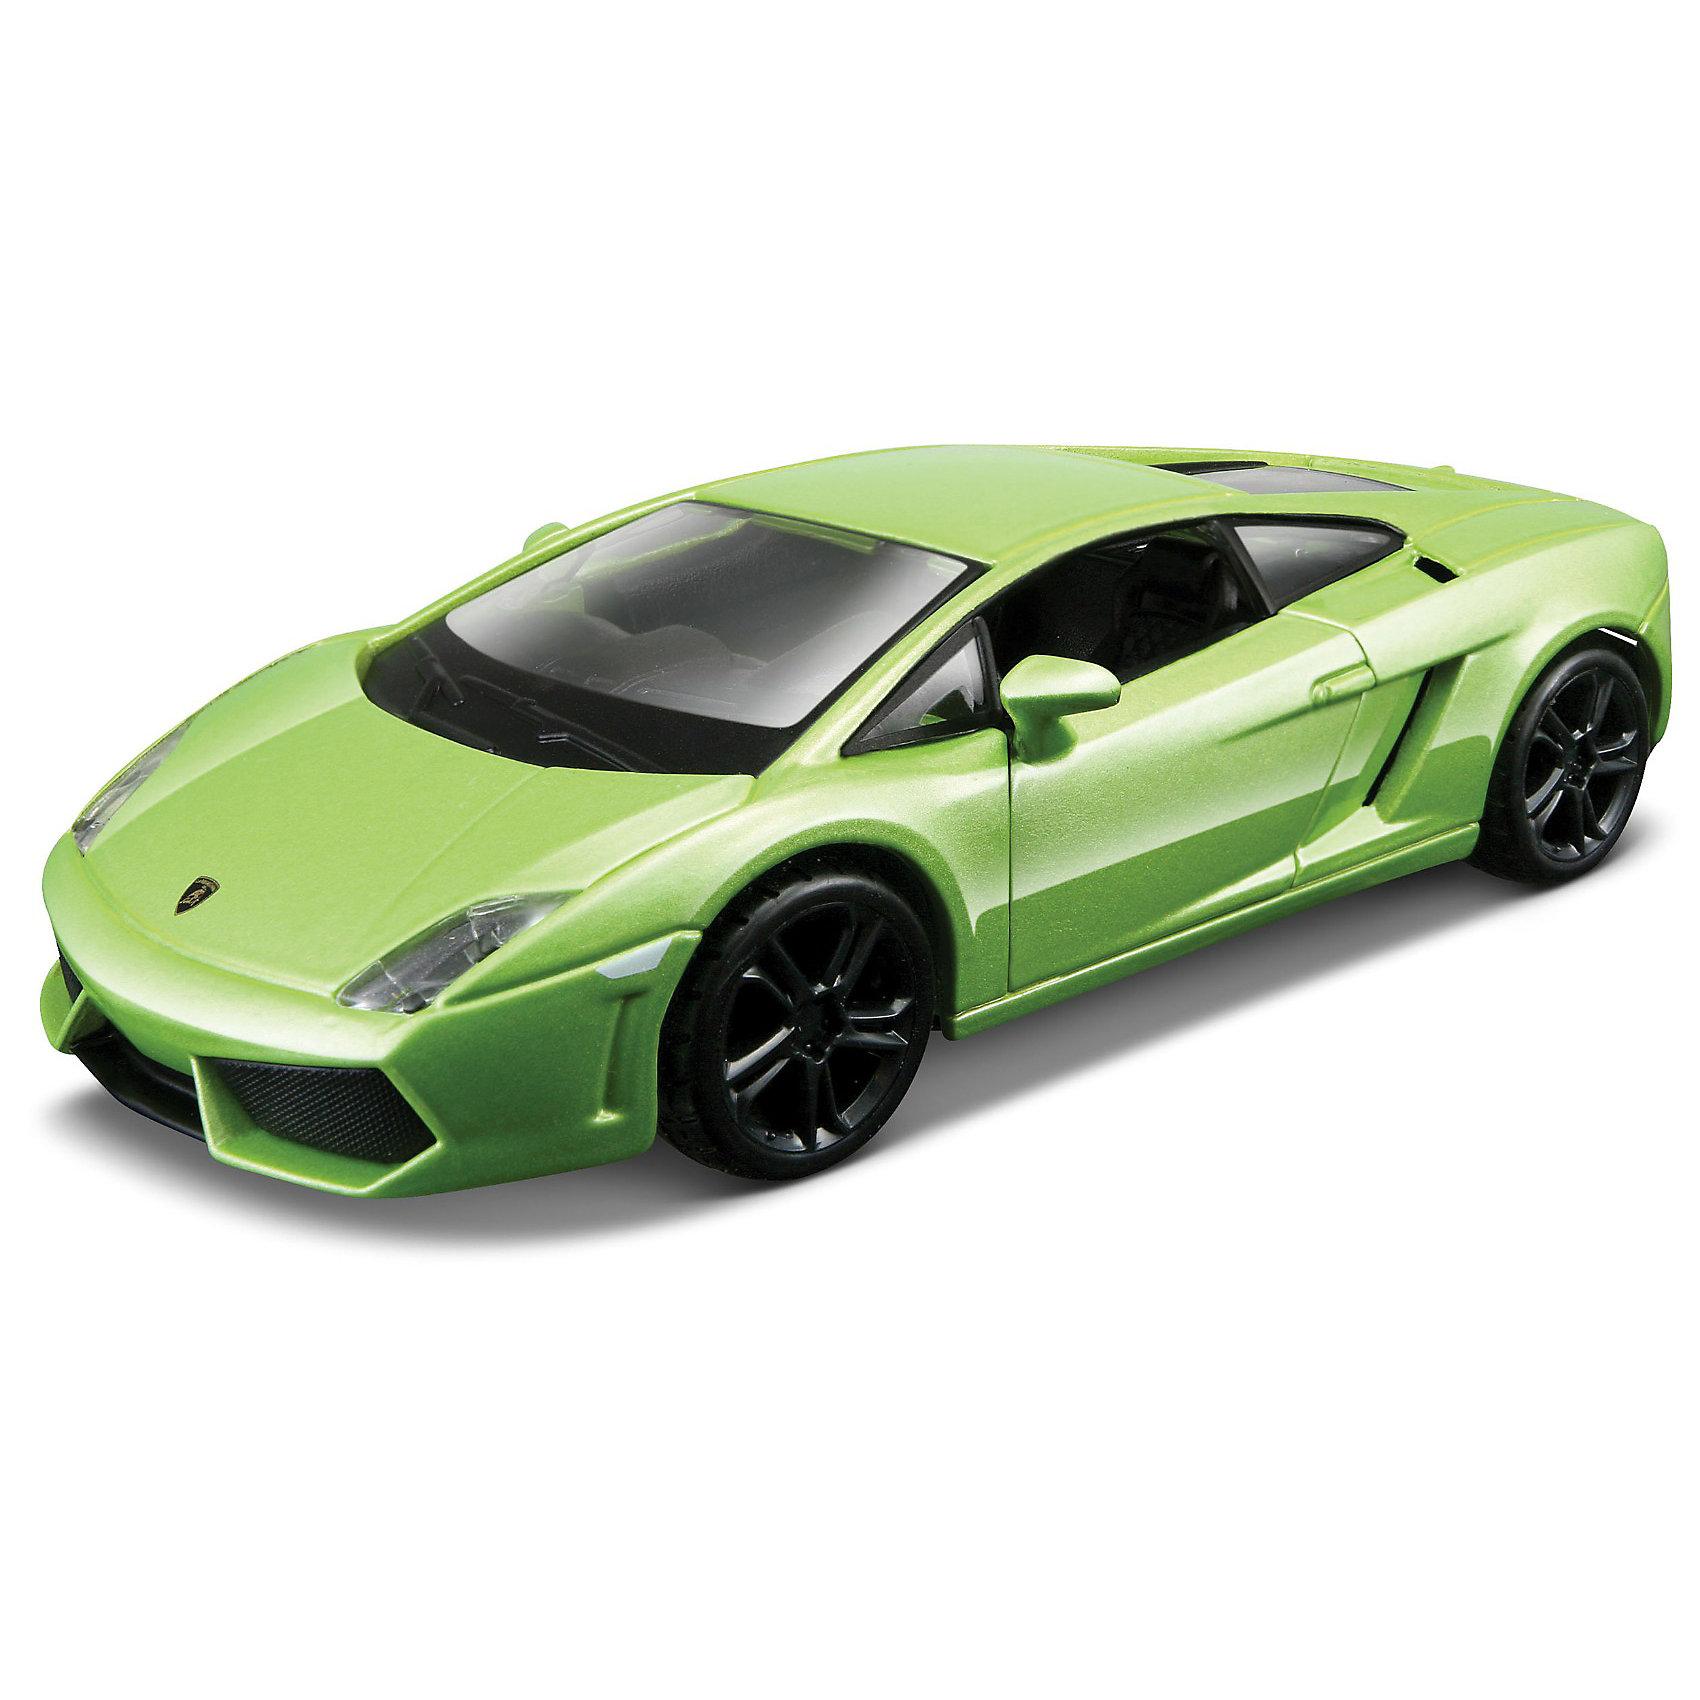 Машина Lamborghini Gallardo, 1:32, в ассортименте, BburagoМашина Lamborghini Gallardo LP560-4 2008 металл., 1:32, Bburago (Бураго).<br>Компания Bburago – мировой лидер в производстве коллекционных  моделей автомобилей.  <br>Более 30 лет профессиональные дизайнеры Bburago разрабатывают точные копии современных машин и ретро машин известных марок. <br>Lamborghini Gallardo (Ламборгини Гайардо) — спорткар, выпускающийся компанией Lamborghini c 2003 года. Меньшая по размеру и мощности модель компании по сравнению с Lamborghini Aventador (ранее - Lamborghini Murci?lago). Презентация автомобиля состоялась на Автошоу в Женеве в марте 2003 года. На сегодняшний день это самая массовая модель от Lamborghini — за 2 года было построено более 3000 автомобилей .<br>Модель автомобиля LAMBORGHINI GALLARDO LP560-4 произведена по лицензии автомобильного бренда известного во всем мире, за счет чего она во многом походит на оригинал. <br>Корпус игрушки, дополнившей серию «Street Fire», изготовлен из металла литьевым способом, что гарантирует высокую прочность и долговечность изделия, а также позволяет добиться улучшенной проработке мелких элементов. Все остальные детали машины выполнены из прочного пластика. <br>У LAMBORGHINI GALLARDO LP560-4 открываются дверцы и капот, а так же вращается руль и вертятся колеса. <br>Бесподобное качество сборки, высокая степень детализации и невероятное сходство с прототипом приведут в восторг не только юных и начинающих автолюбителей, но и взрослых знатоков автомобилей! <br>Размеры упаковки: 16,5 х 7,5 х 8 см<br><br>Внимание: товар представлен в ассортименте. К сожалению, выбрать определенный цвет заранее не представляется возможным.<br><br>Игрушку Машина Lamborghini Gallardo LP560-4 2008 металл., 1:32, Bburago можно купить в нашем интернет-магазине.<br><br>Ширина мм: 270<br>Глубина мм: 230<br>Высота мм: 90<br>Вес г: 245<br>Возраст от месяцев: 144<br>Возраст до месяцев: 1164<br>Пол: Мужской<br>Возраст: Детский<br>SKU: 3369442